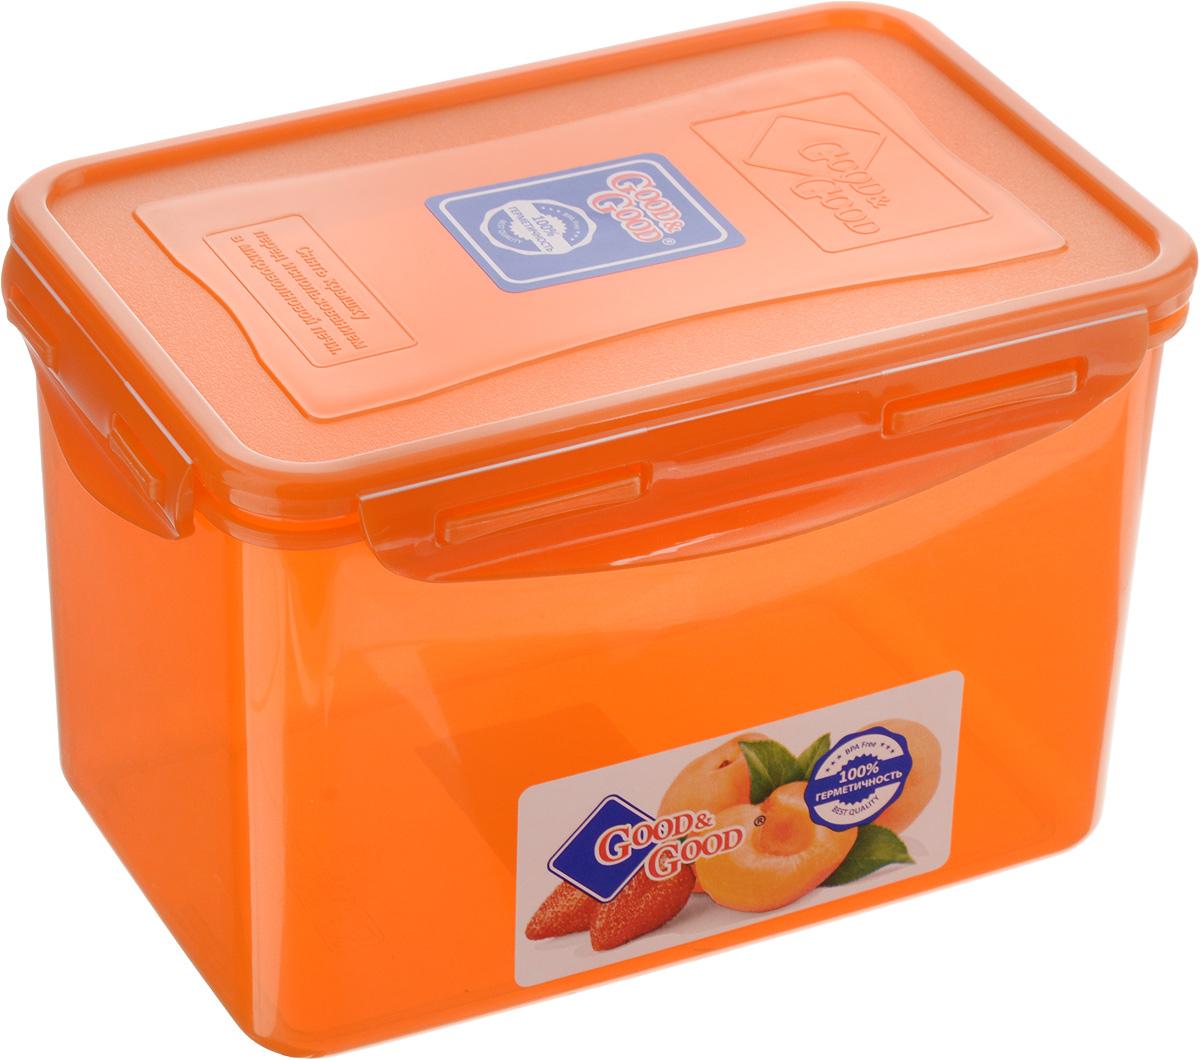 Контейнер для пищевых продуктов Good&Good, 2,2 л. 3-33-3_оранжевыйКонтейнер Good&Good, изготовленный из высококачественного полипропилена, предназначен для хранения любых пищевых продуктов. Крышка с силиконовой вставкой герметично защелкивается специальным механизмом. Изделие устойчиво к воздействию масел и жиров, легко моется. Полупрозрачные стенки позволяют видеть содержимое. Контейнер имеет возможность хранения продуктов глубокой заморозки, обладает высокой прочностью. Контейнер Good&Good удобен для ежедневного использования в быту. Можно мыть в посудомоечной машине и использовать в холодильнике и микроволновой печи. Размер контейнера (с учетом крышки): 13,5 х 20 х 13 см.